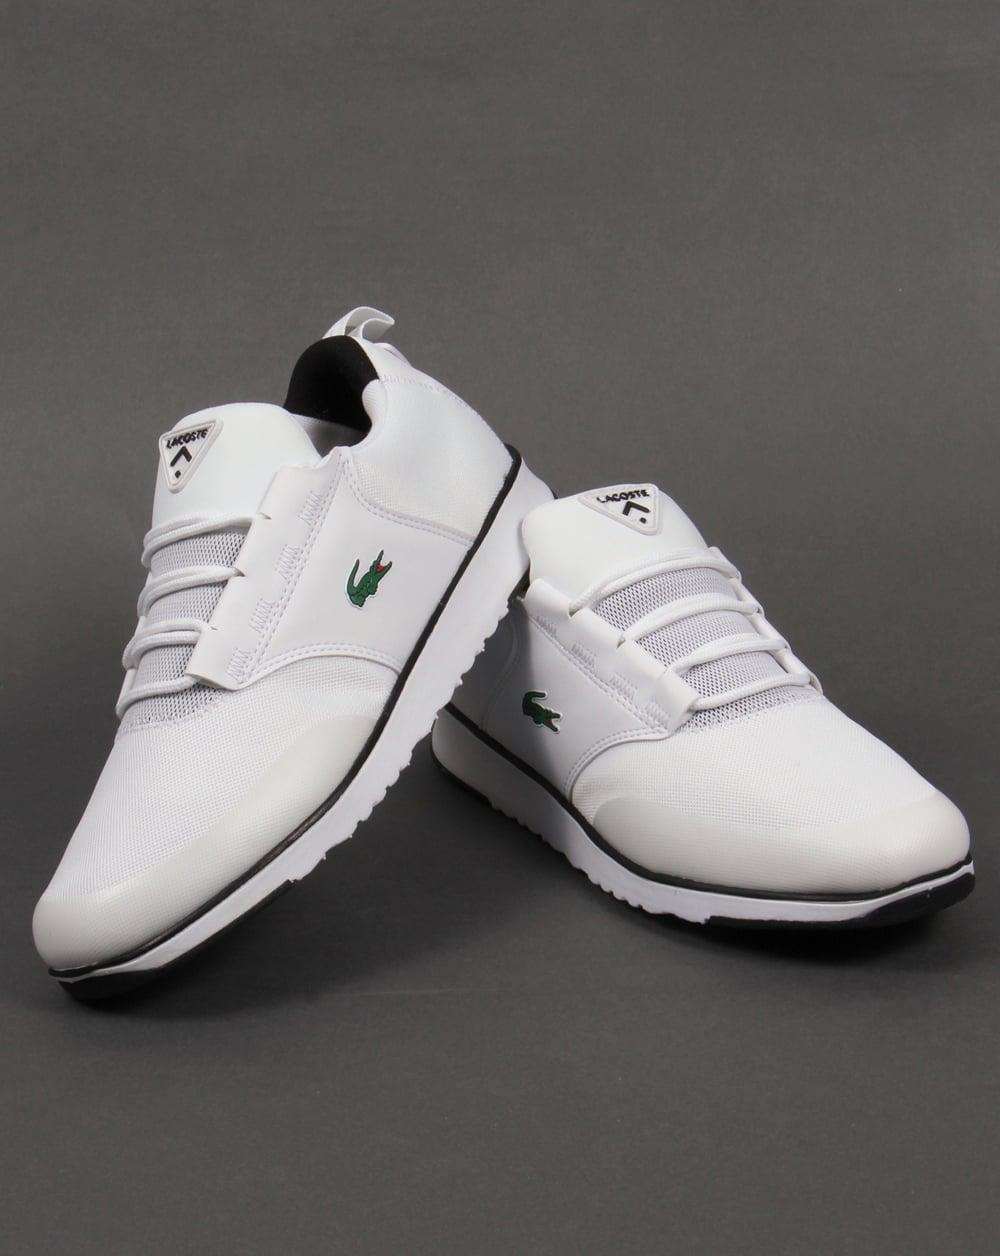 Sneakers Light Blackblack Light Light Sneakers Lacoste Blackblack Lacoste Sneakers Lacoste QdCBoWxer